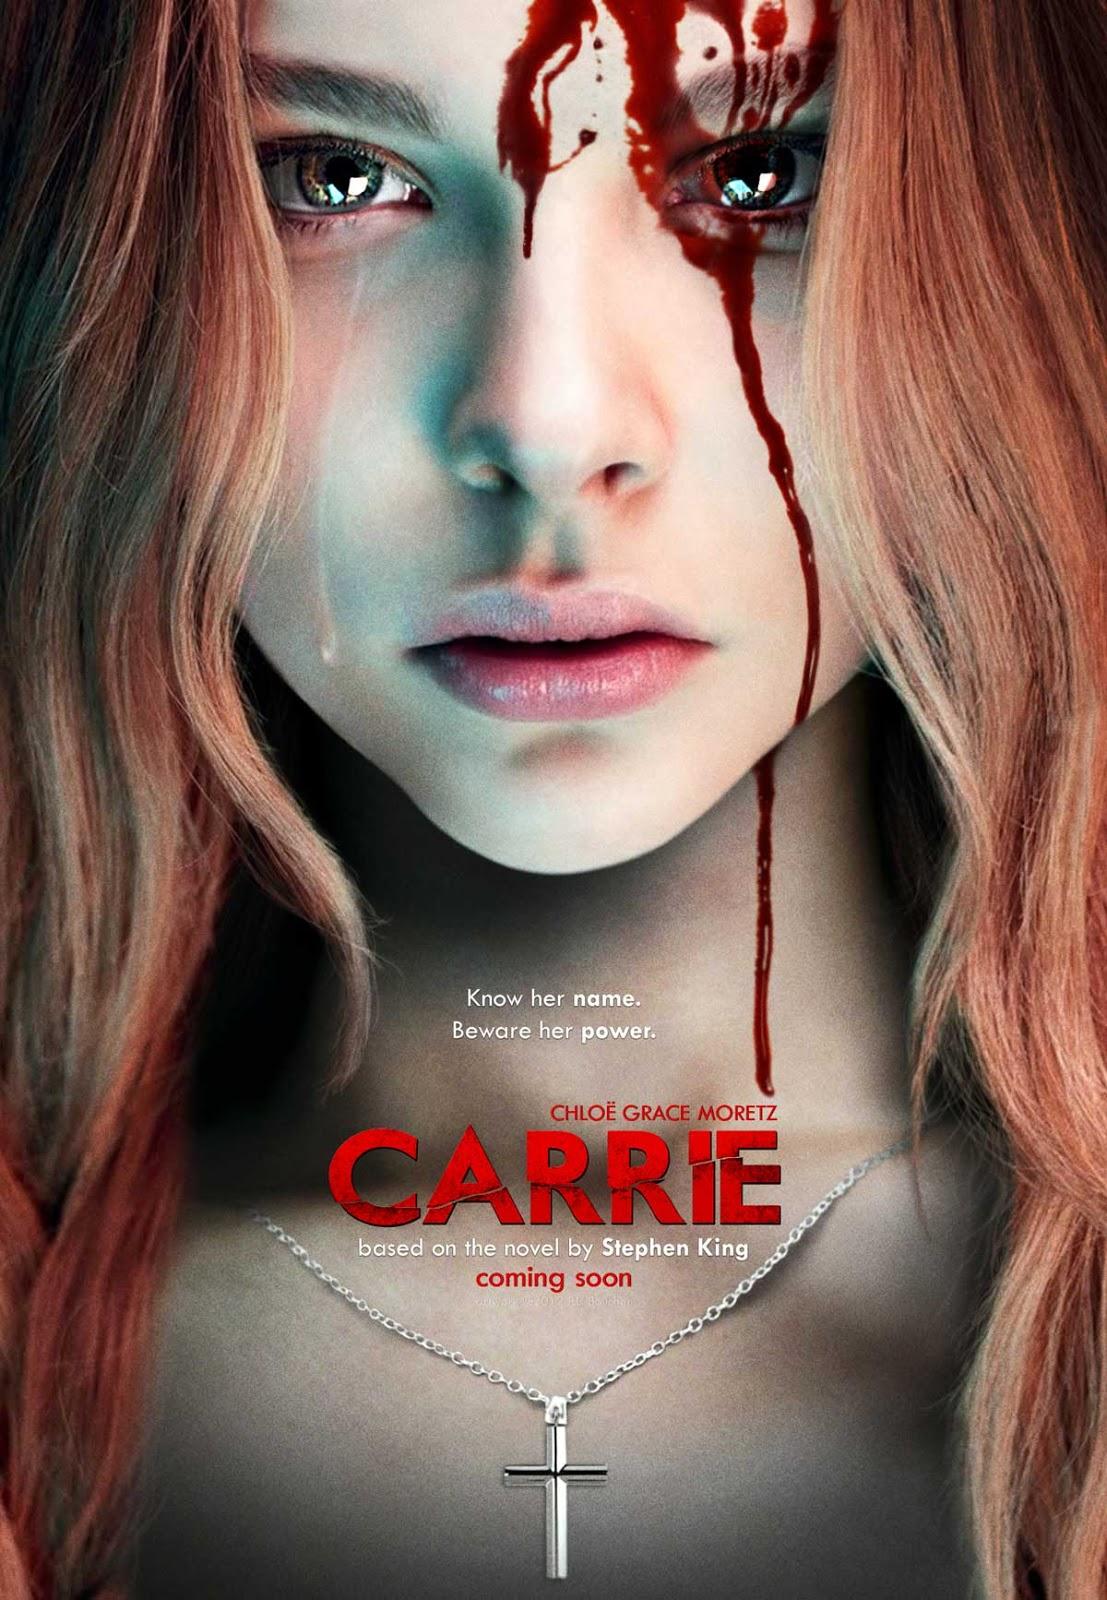 http://1.bp.blogspot.com/-cNeVRMJX_Mo/UH4yOIxr9XI/AAAAAAAACyg/sPqNalVdJTk/s1600/Carrie-2013-movie.jpg